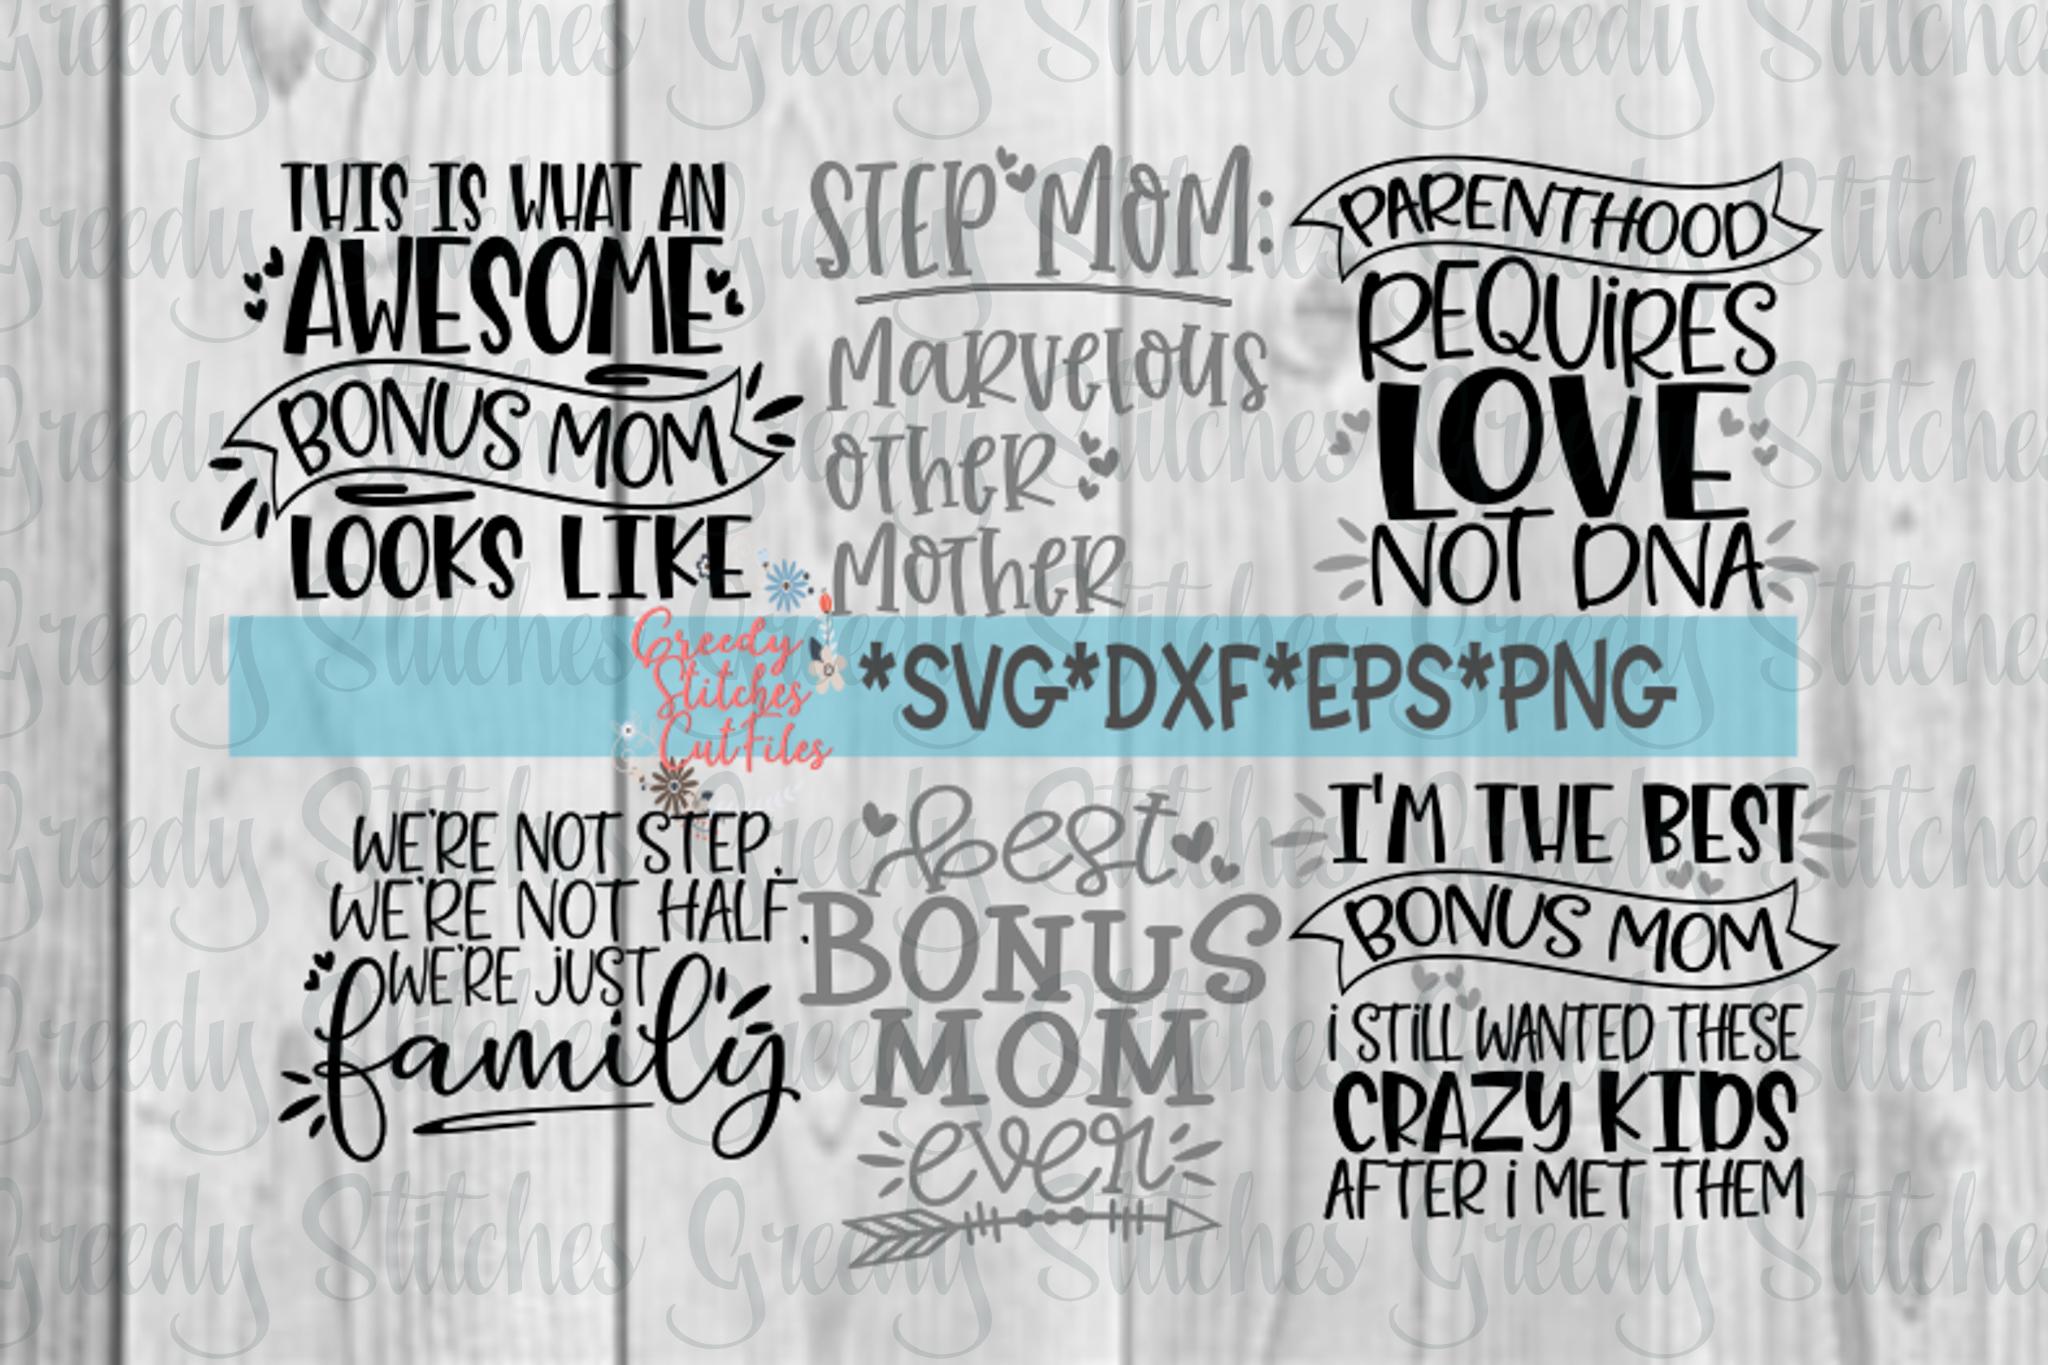 Mother's Day | Bonus Mom Bundle | Step Mom SVG Bundle example image 1